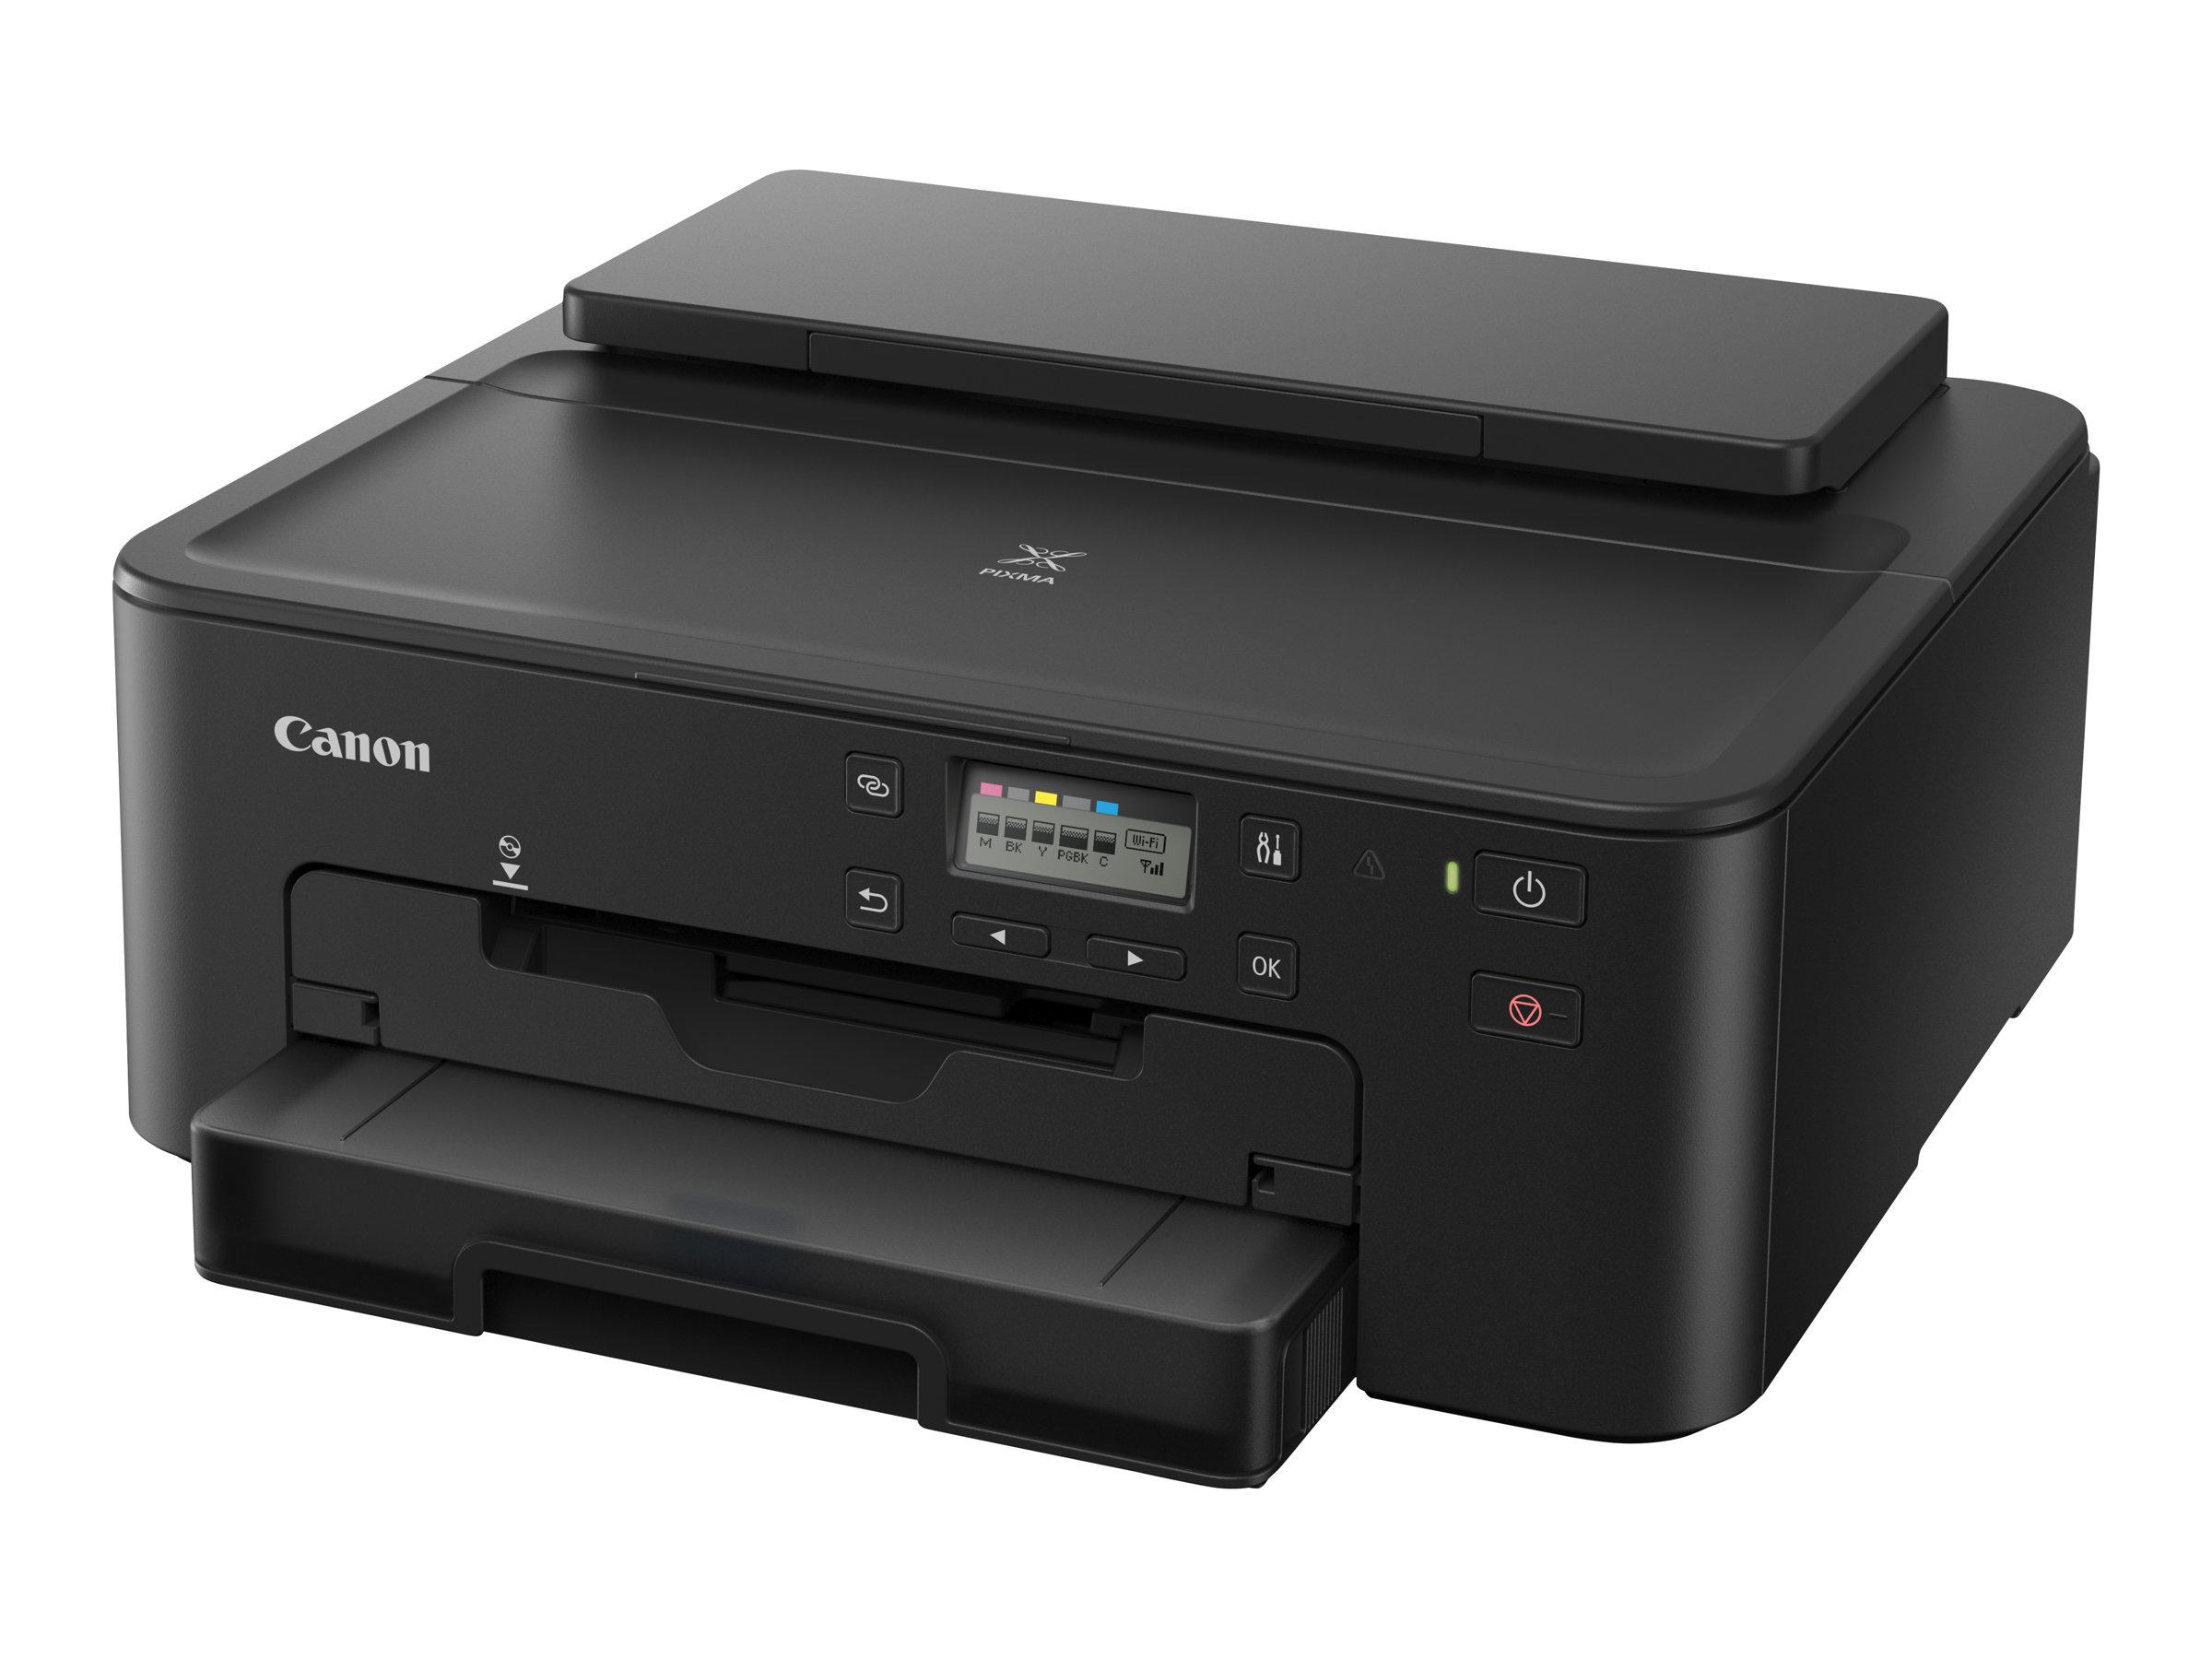 Canon PIXMA TS705 - Drucker - Farbe - Duplex - Tintenstrahl - A4/Legal - bis zu 15 ipm (einfarbig)/